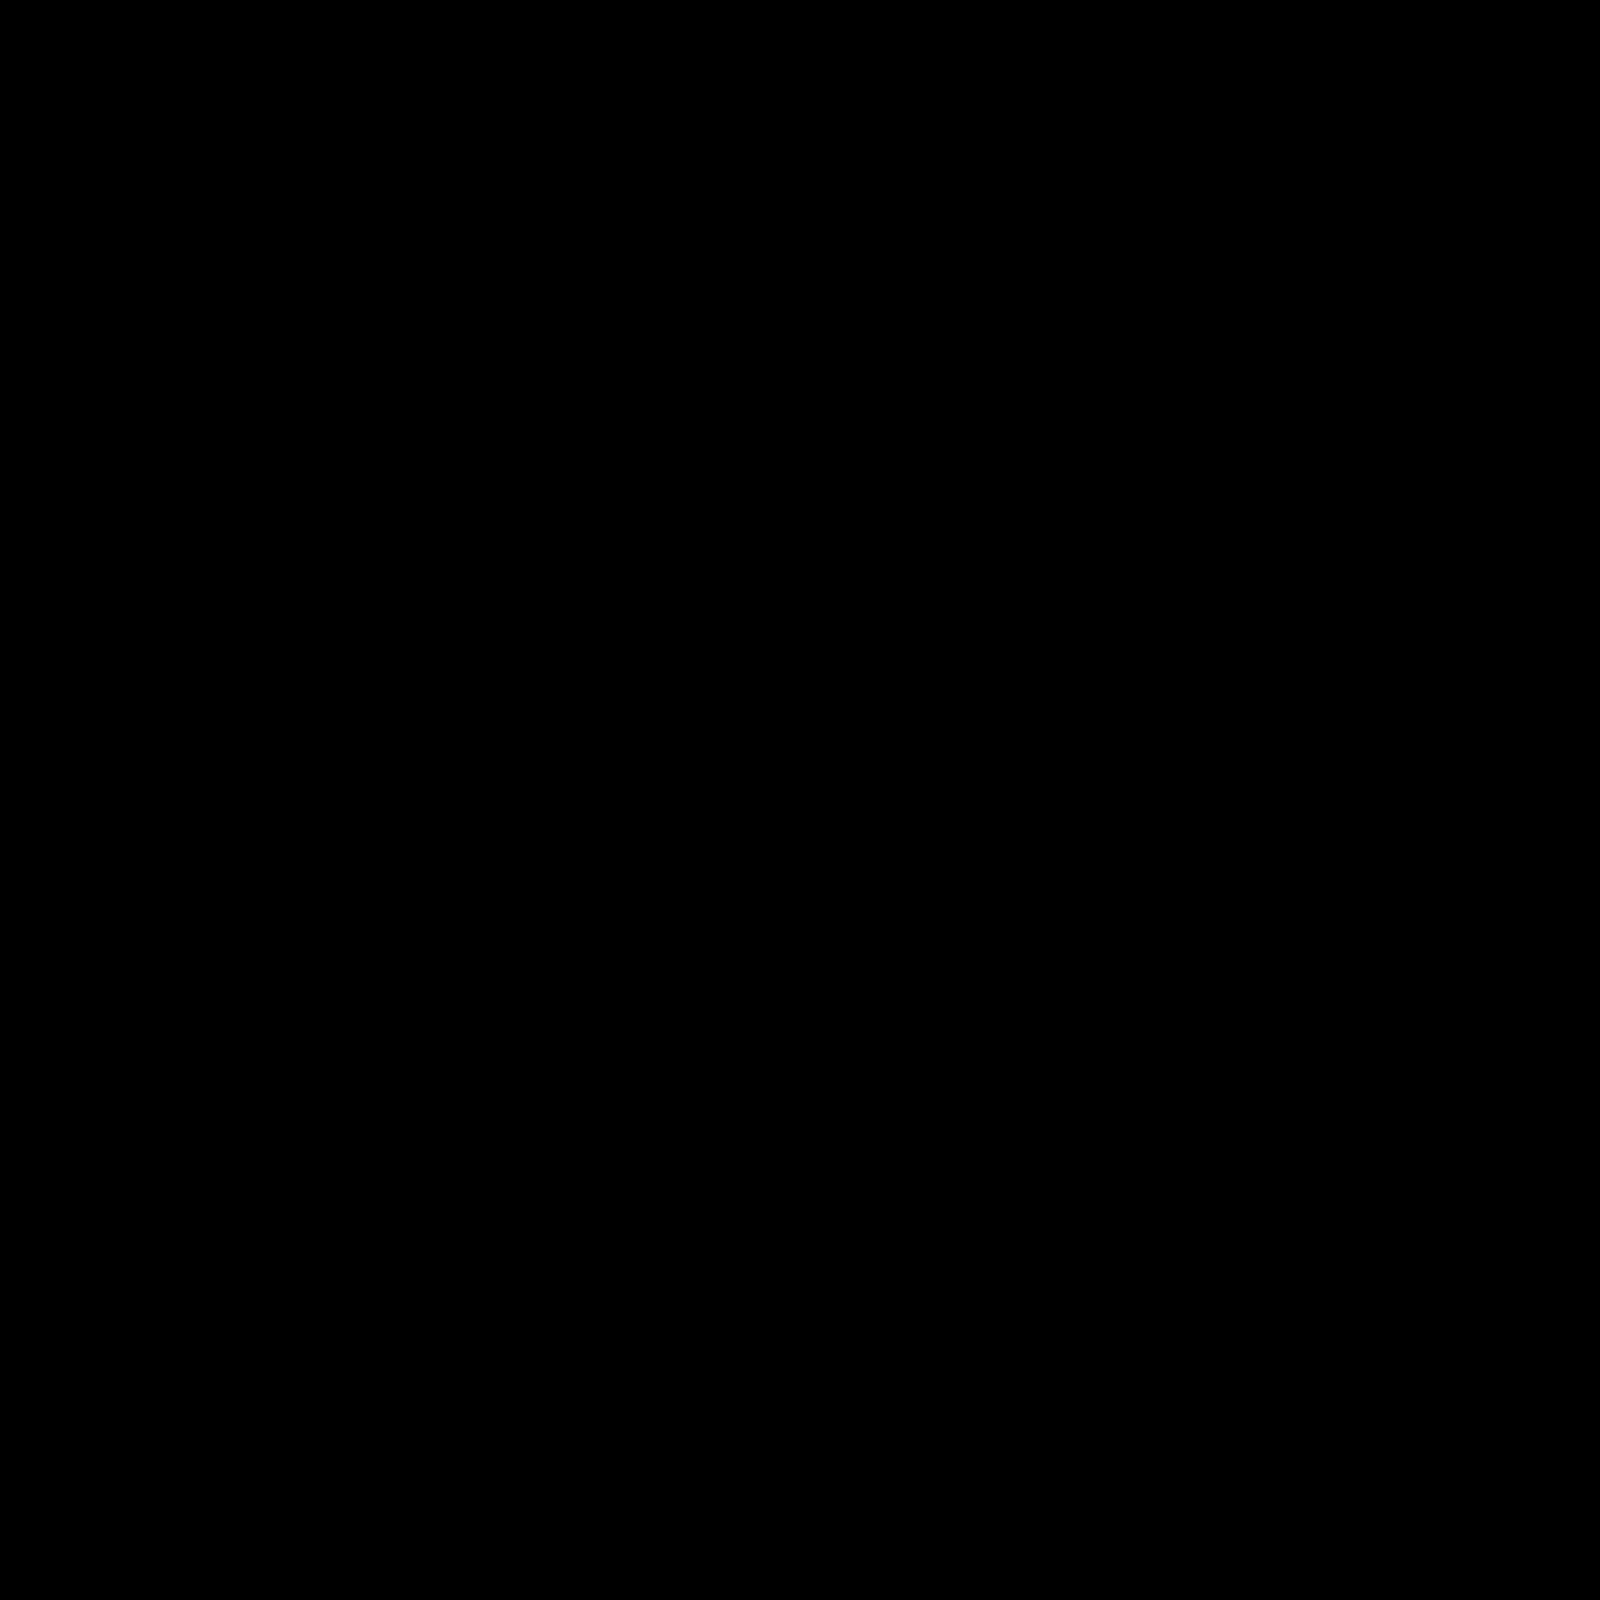 フィードイン icon. This icon looks to be an unfinished square. Instead of having the top sides connect, there is a gap that has two arrows with curved tails going into it. The arrows are pointing down.